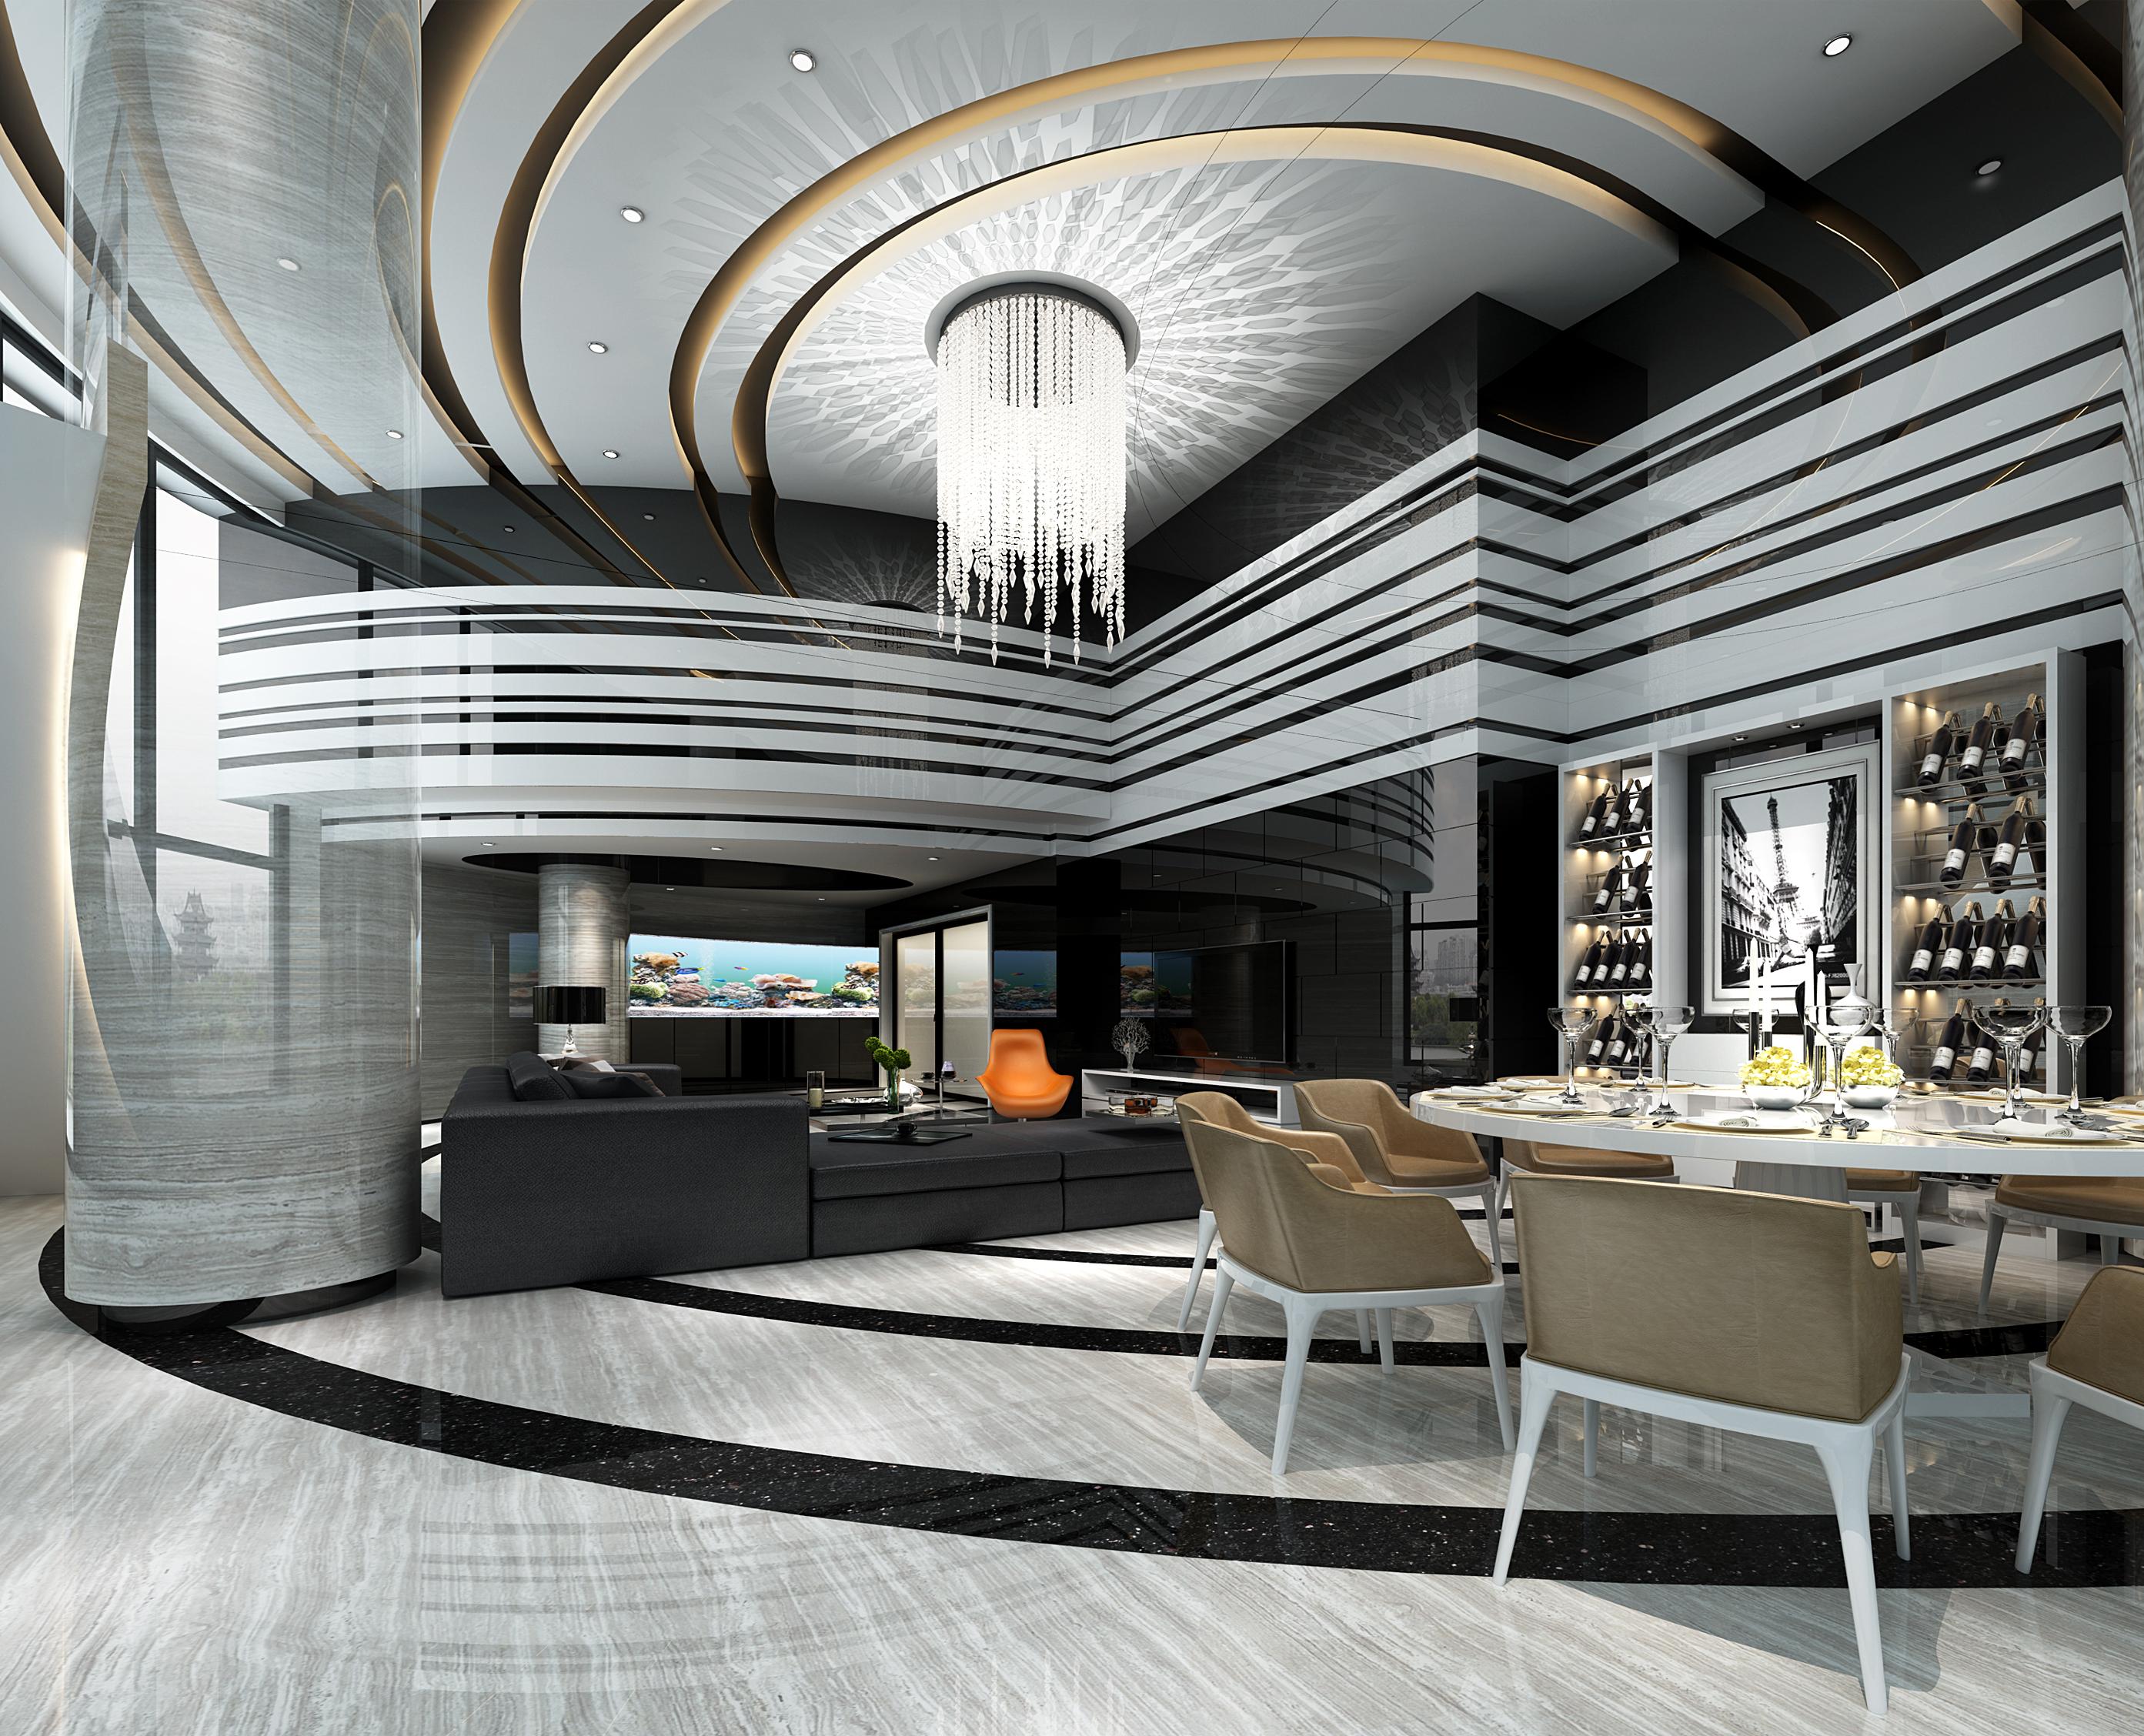 客餐厅 摩登 水景吊灯 轻奢 奢华图片来自几墨空间设计在几墨设计 | 摩登未来的分享